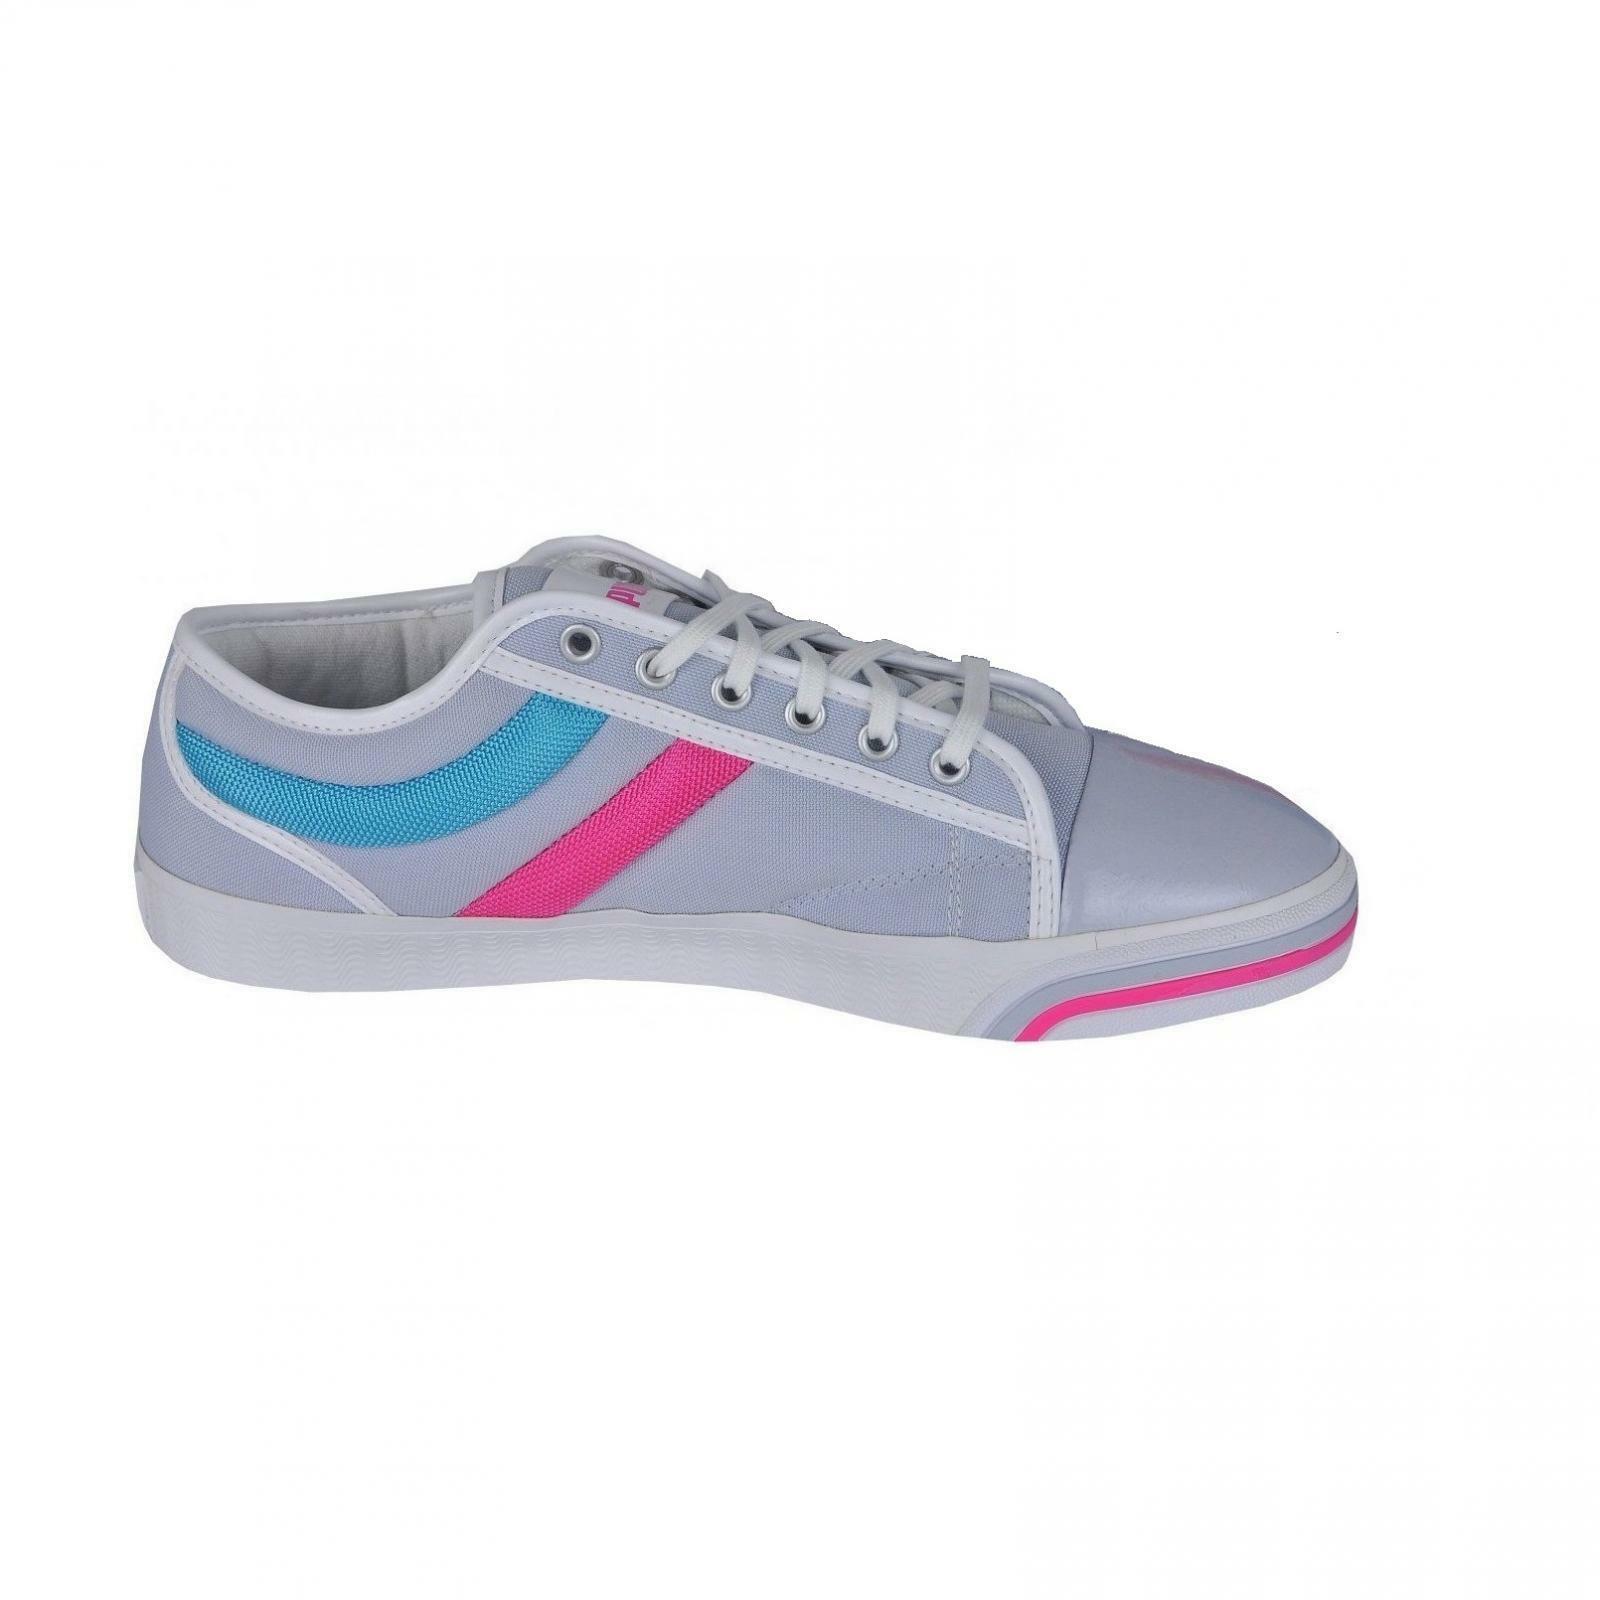 Da women Nuovo Puma Excurse Slavato Cvs shoes Sportive 35173905